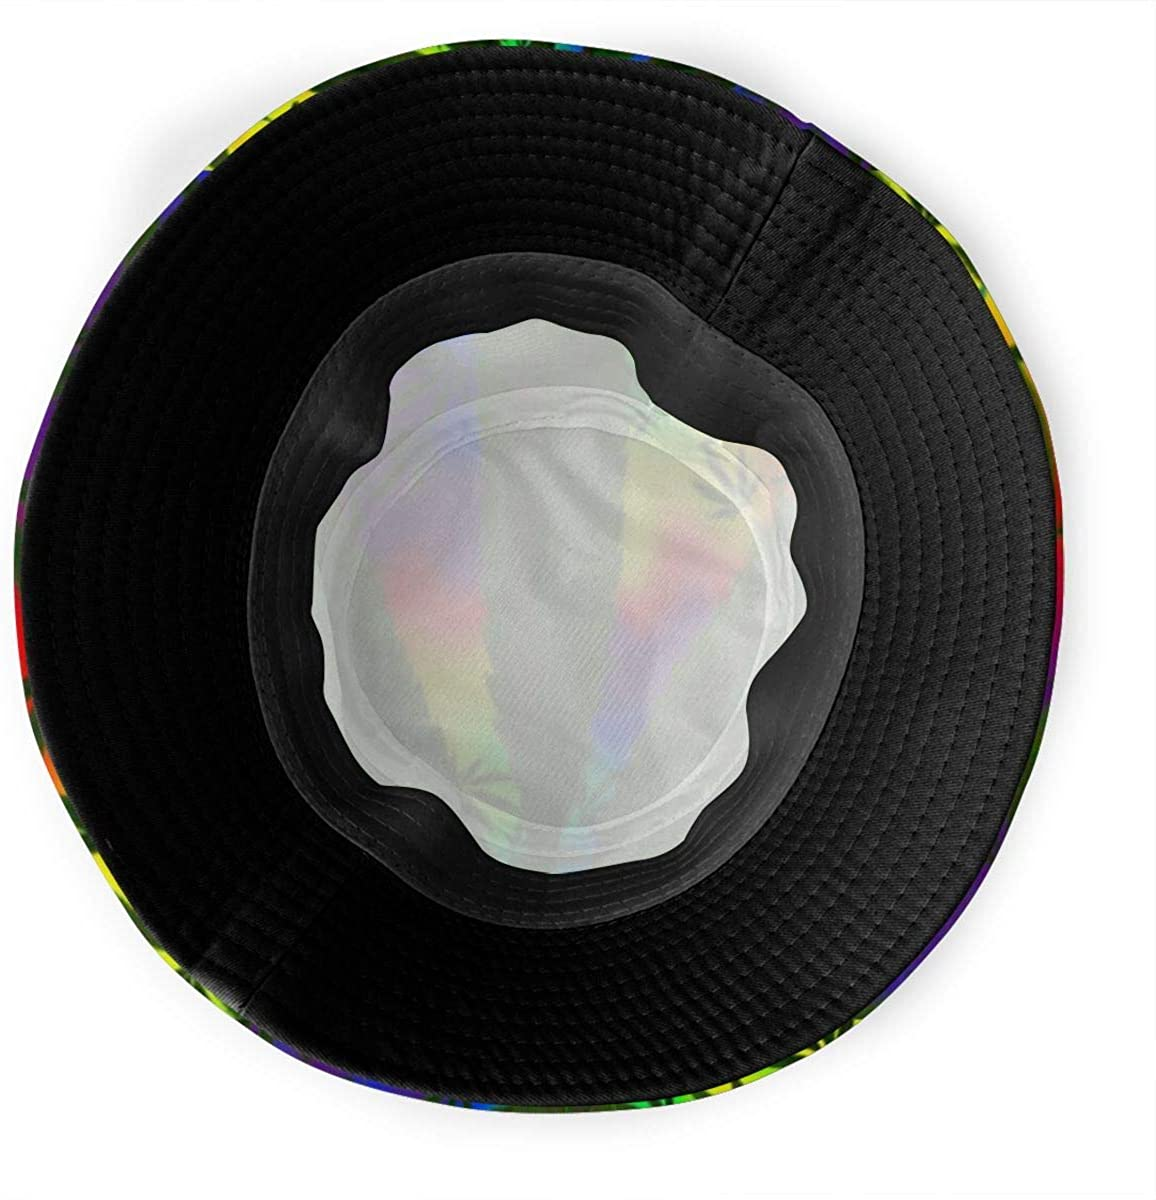 WKLNM Chapeau de p/êcheur Fashion Bucket Hat Unisex Breathable Bucket Hat Fishing Travel Sun Foldable Fisherman Cap Cannabis Leaf